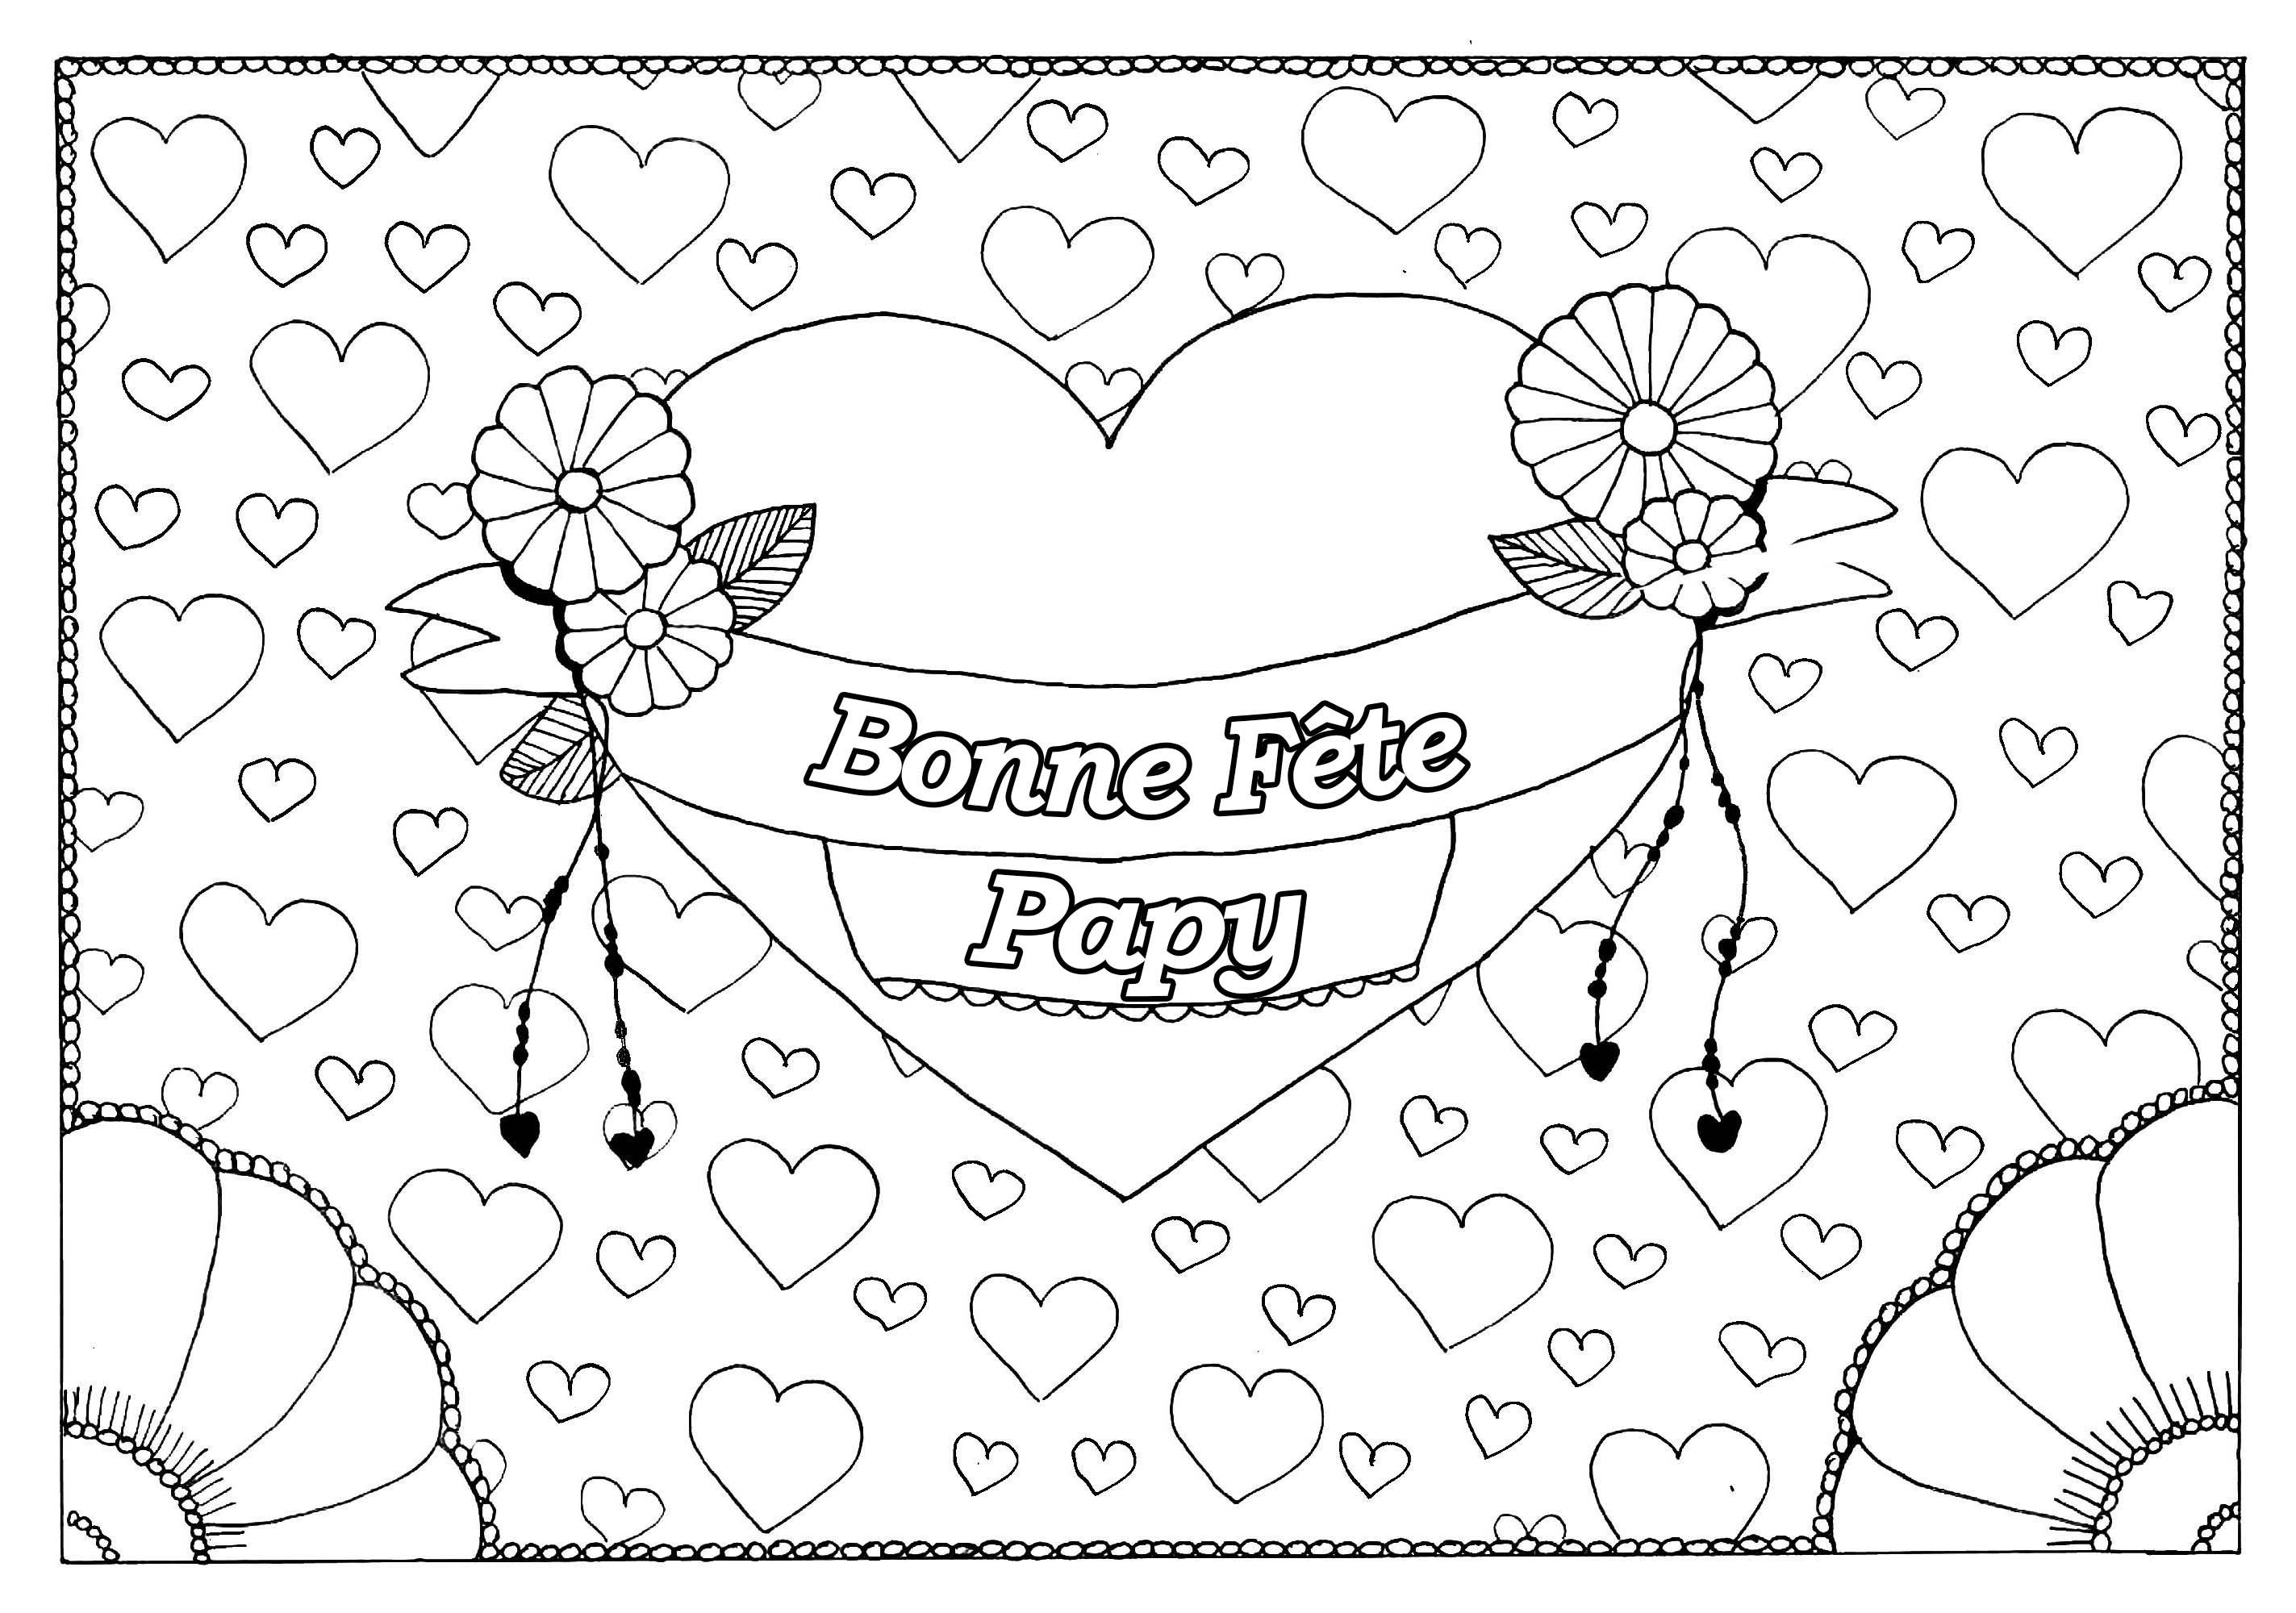 Coloriage spécial Fête des pères : Gros coeur et petits coeurs - Bonne fête Papy